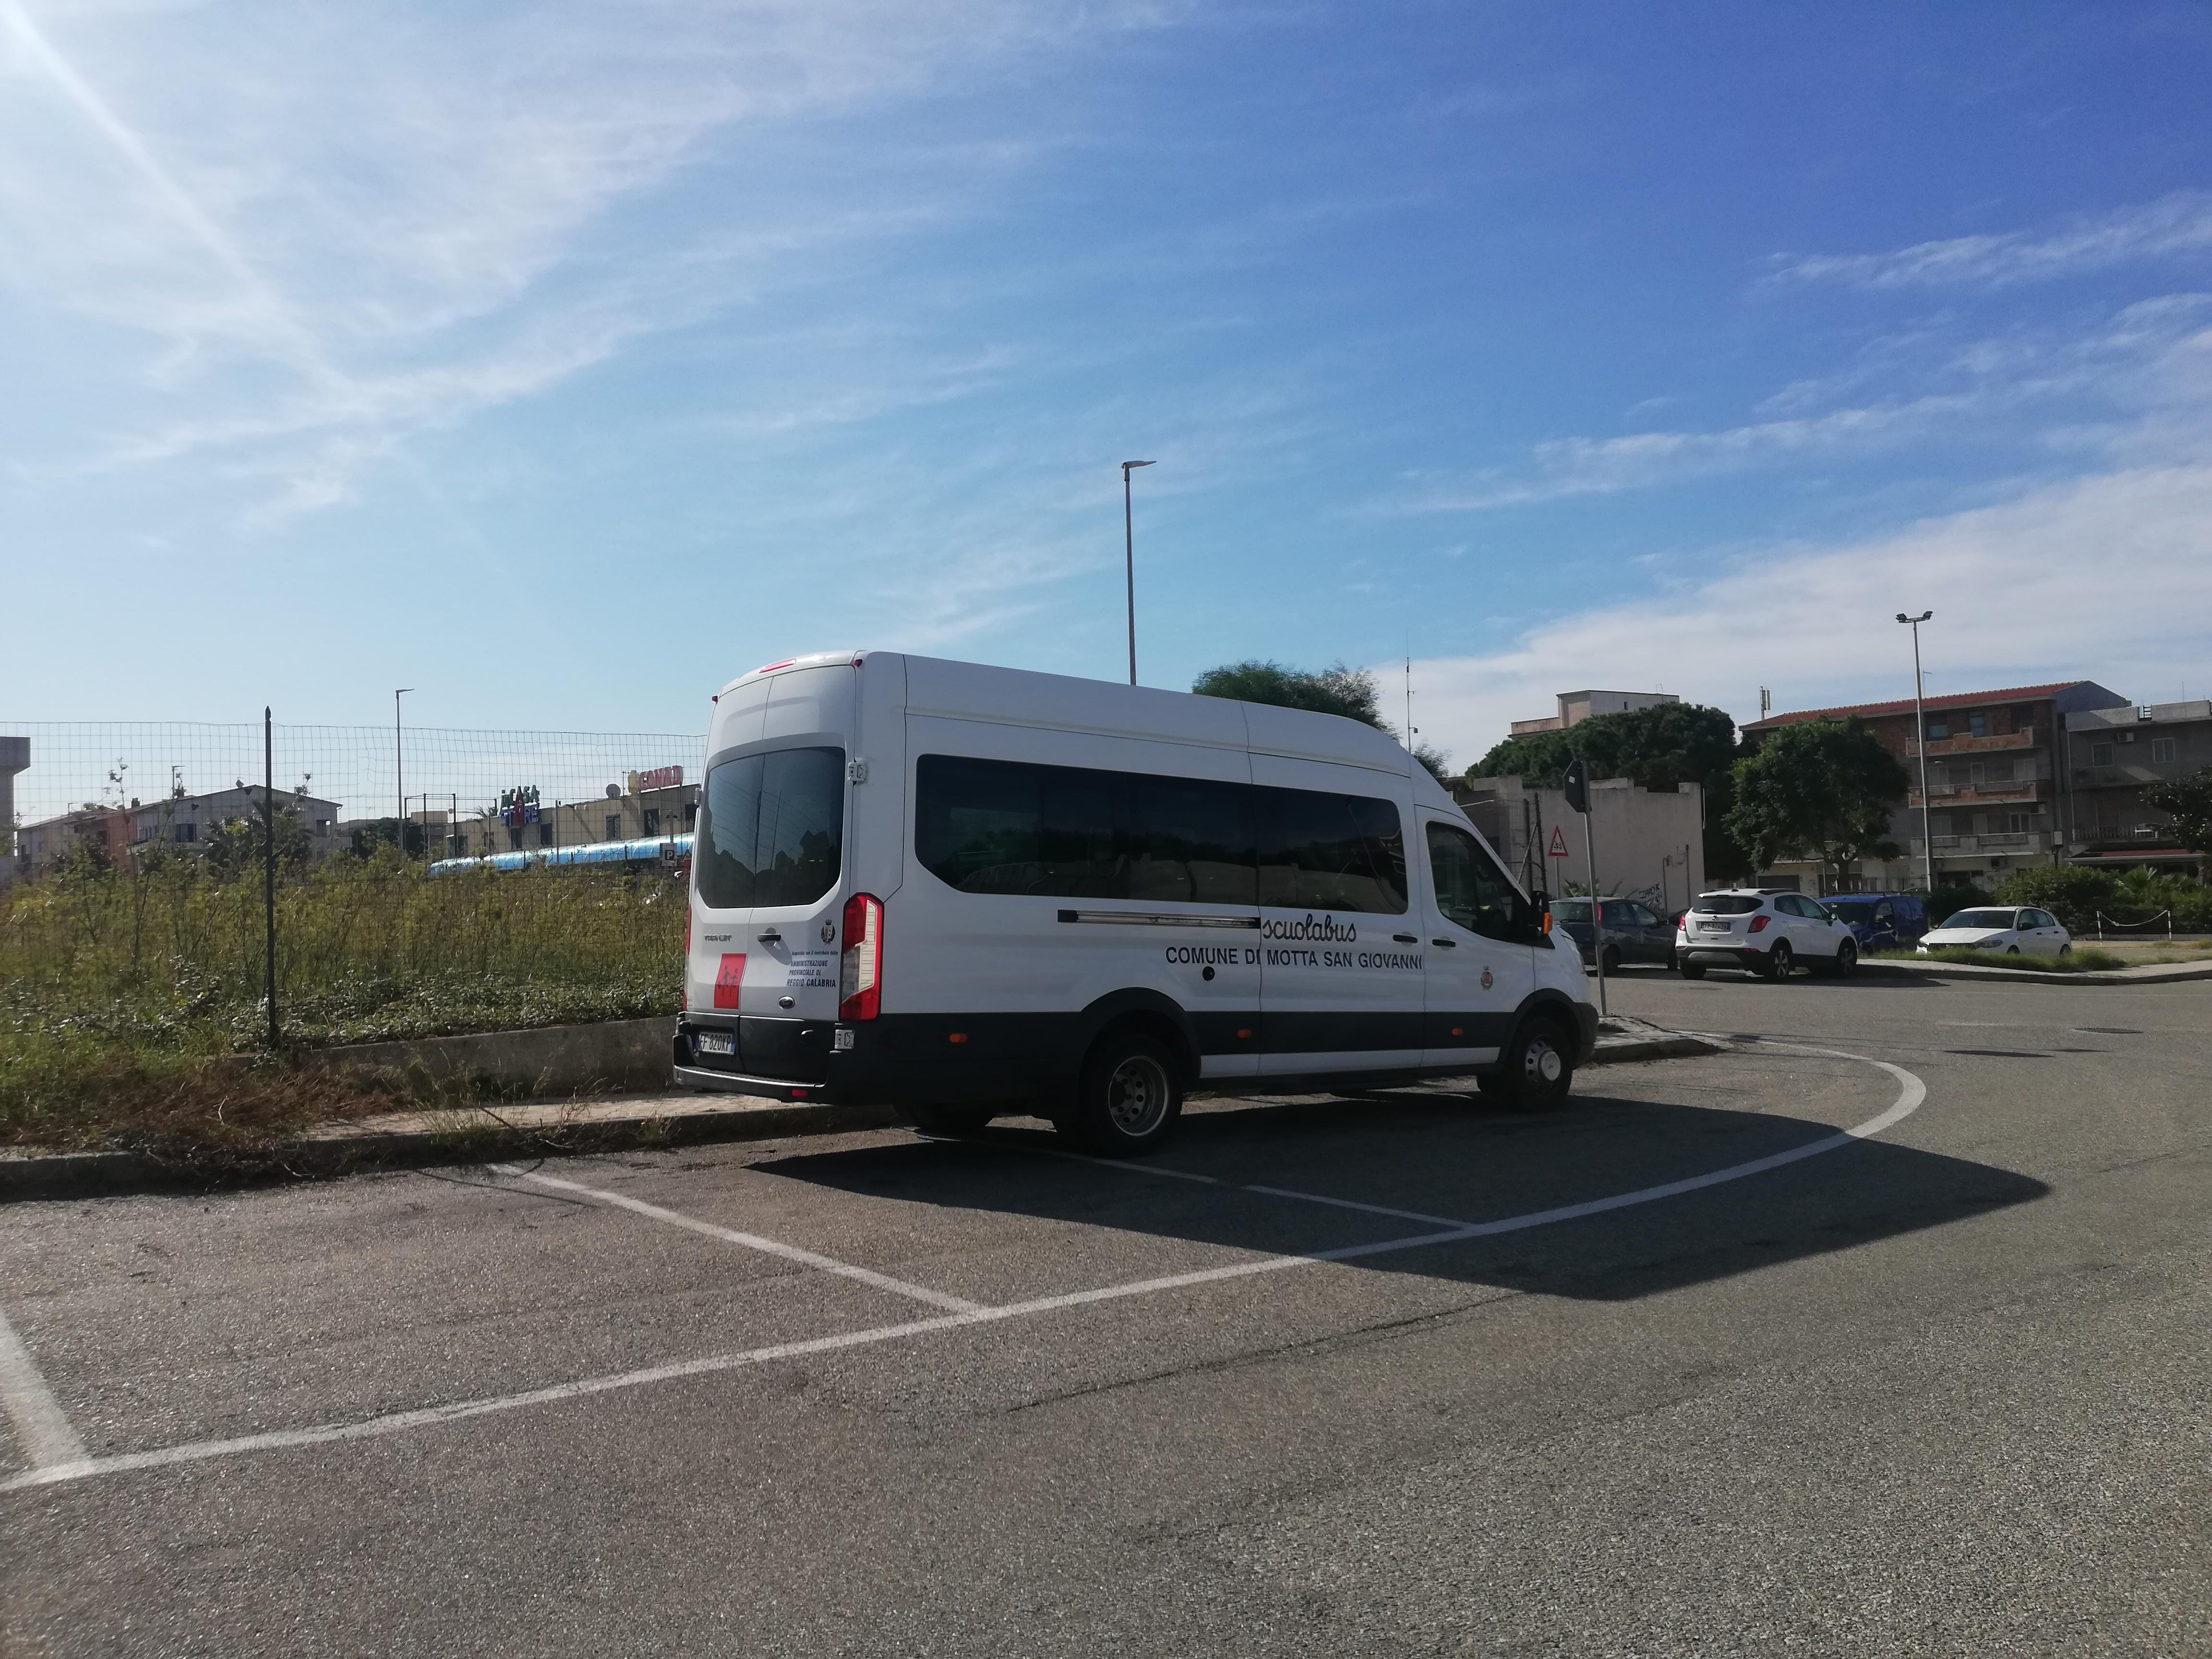 Coronavirus a Lazzaro, Crea: «Per il trasporto scolastico, ci vuole maggiore attenzione»